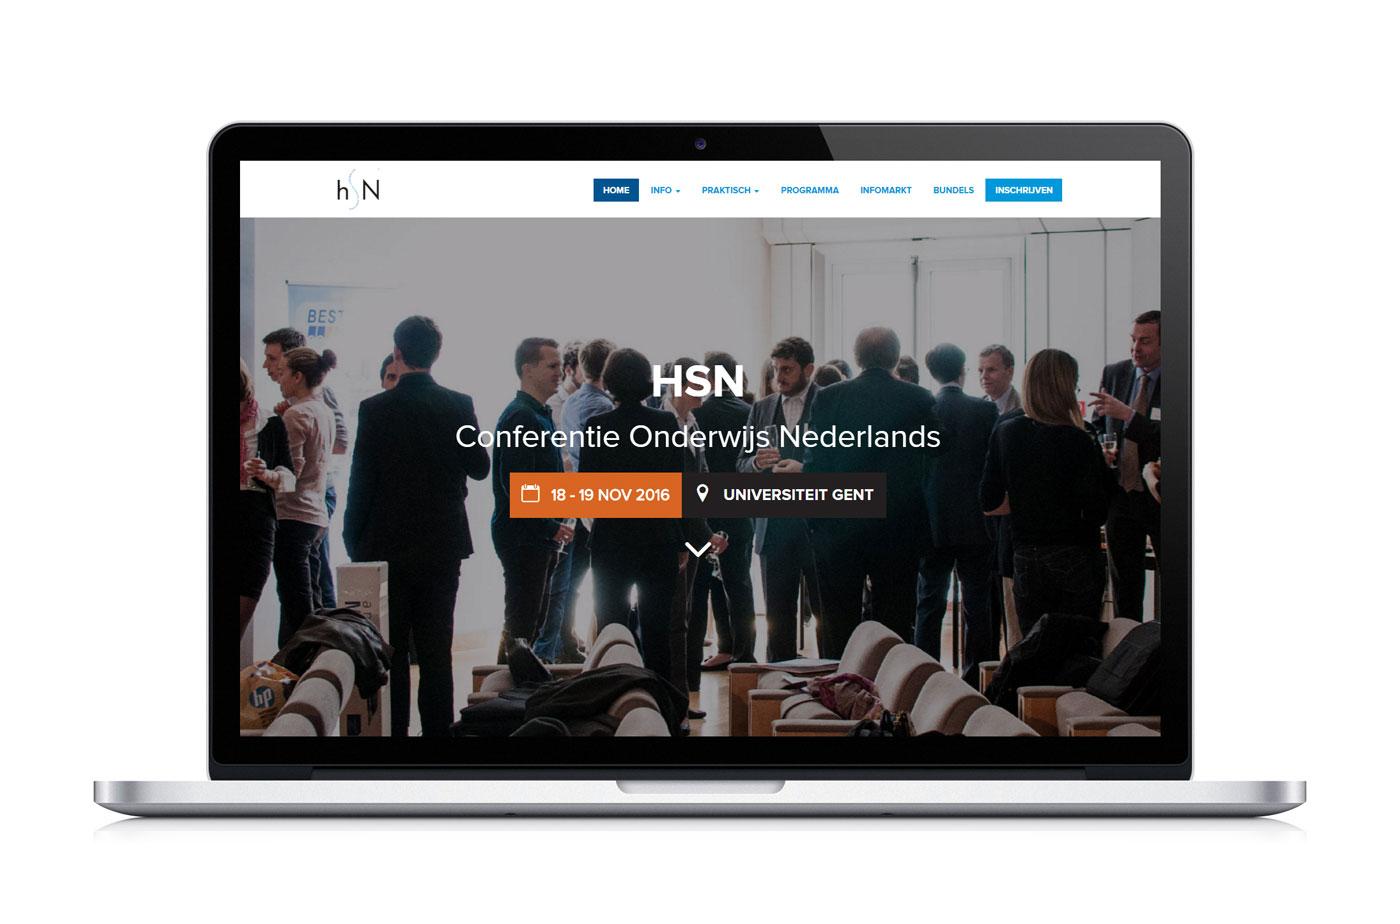 HSN conferentie Onderwijs Nederlands